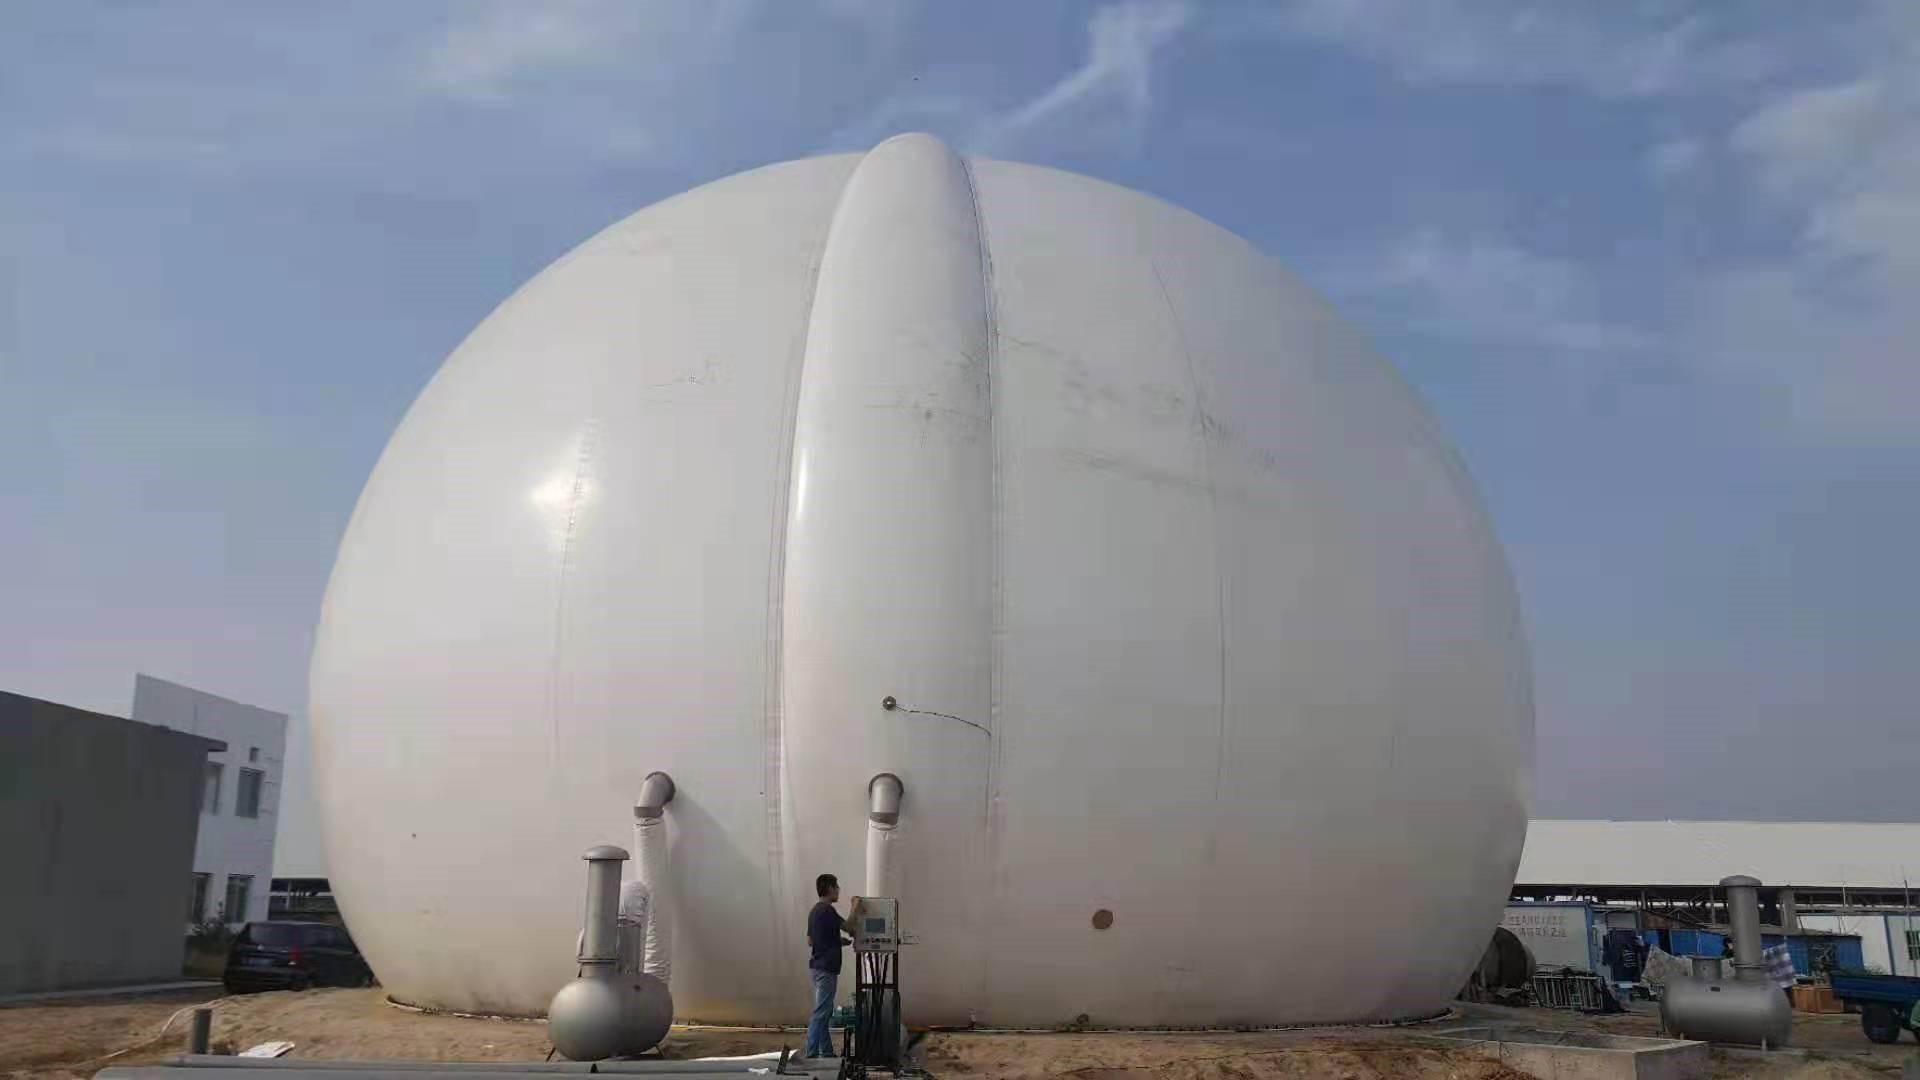 青岛埃马克能源环境工程有限公司携新产品技术亮相2021北京水展